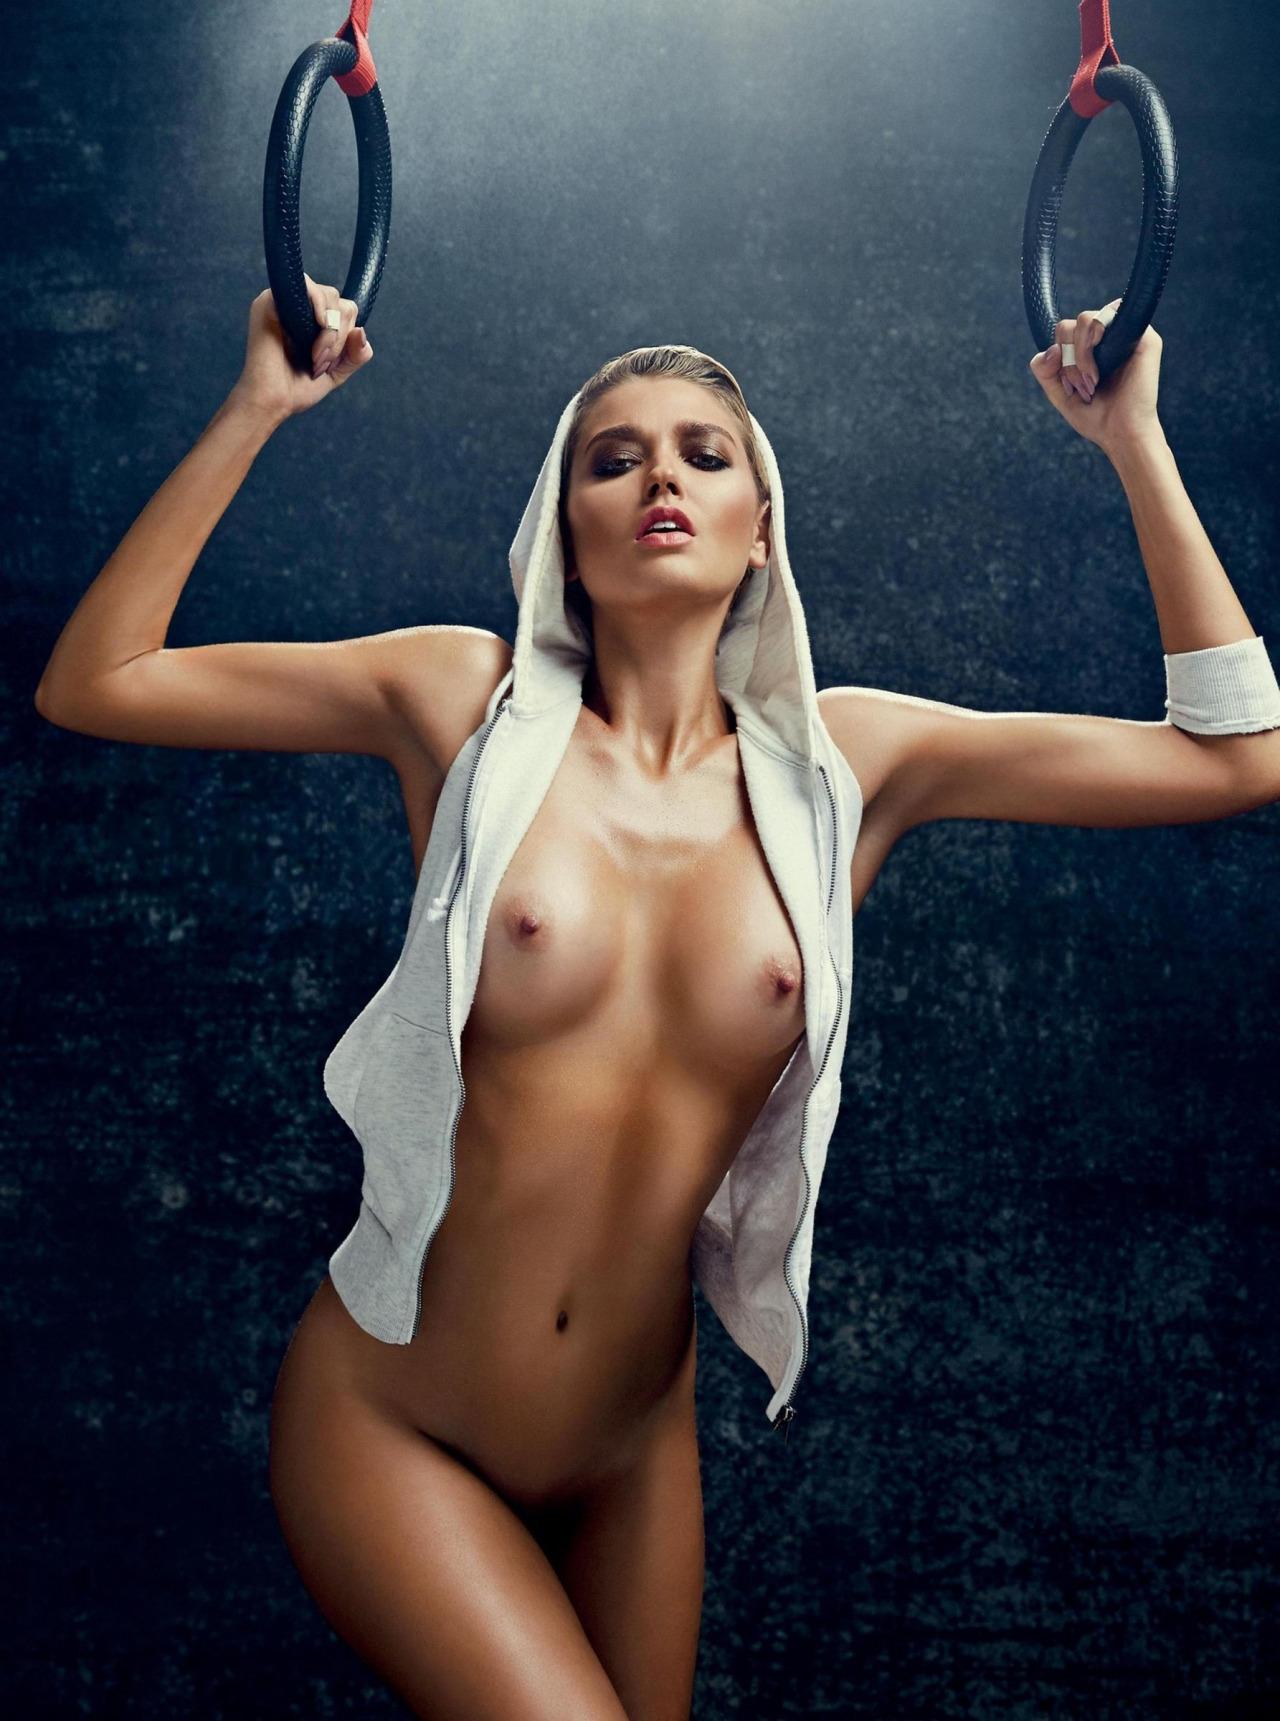 foto-erotika-sportsmenok-prikoli-babami